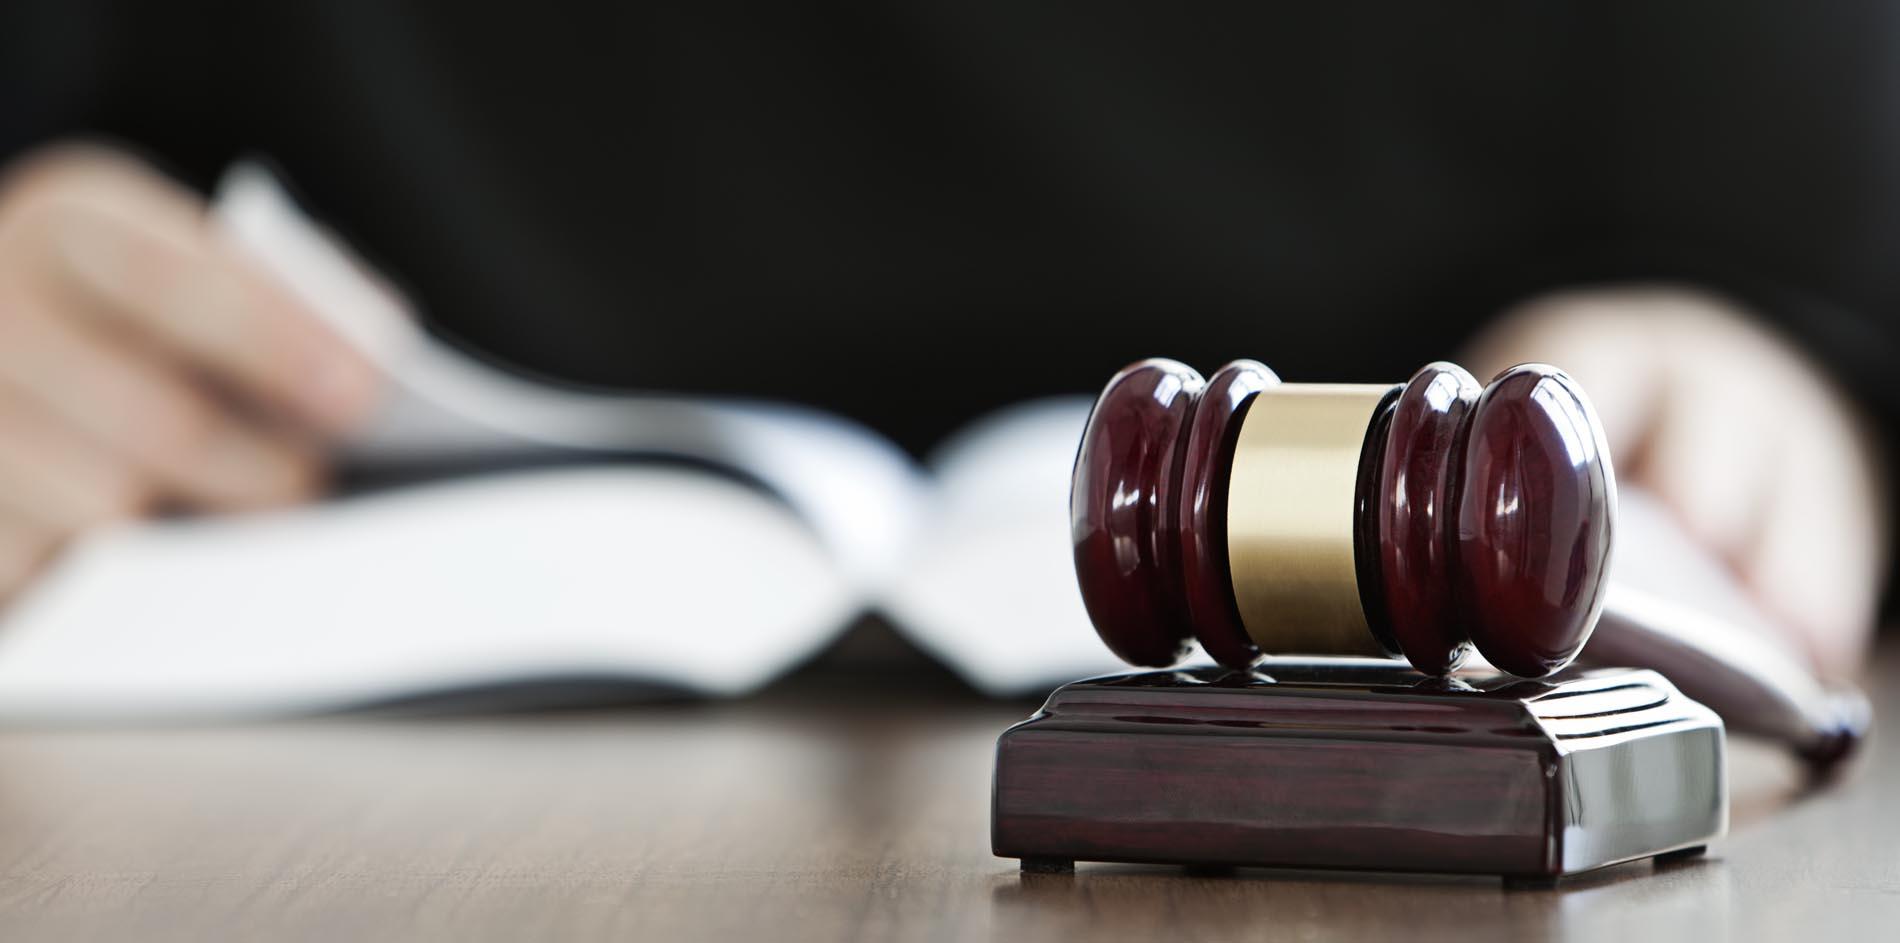 Differenze fra traduzioni giurate e traduzioni legalizzate